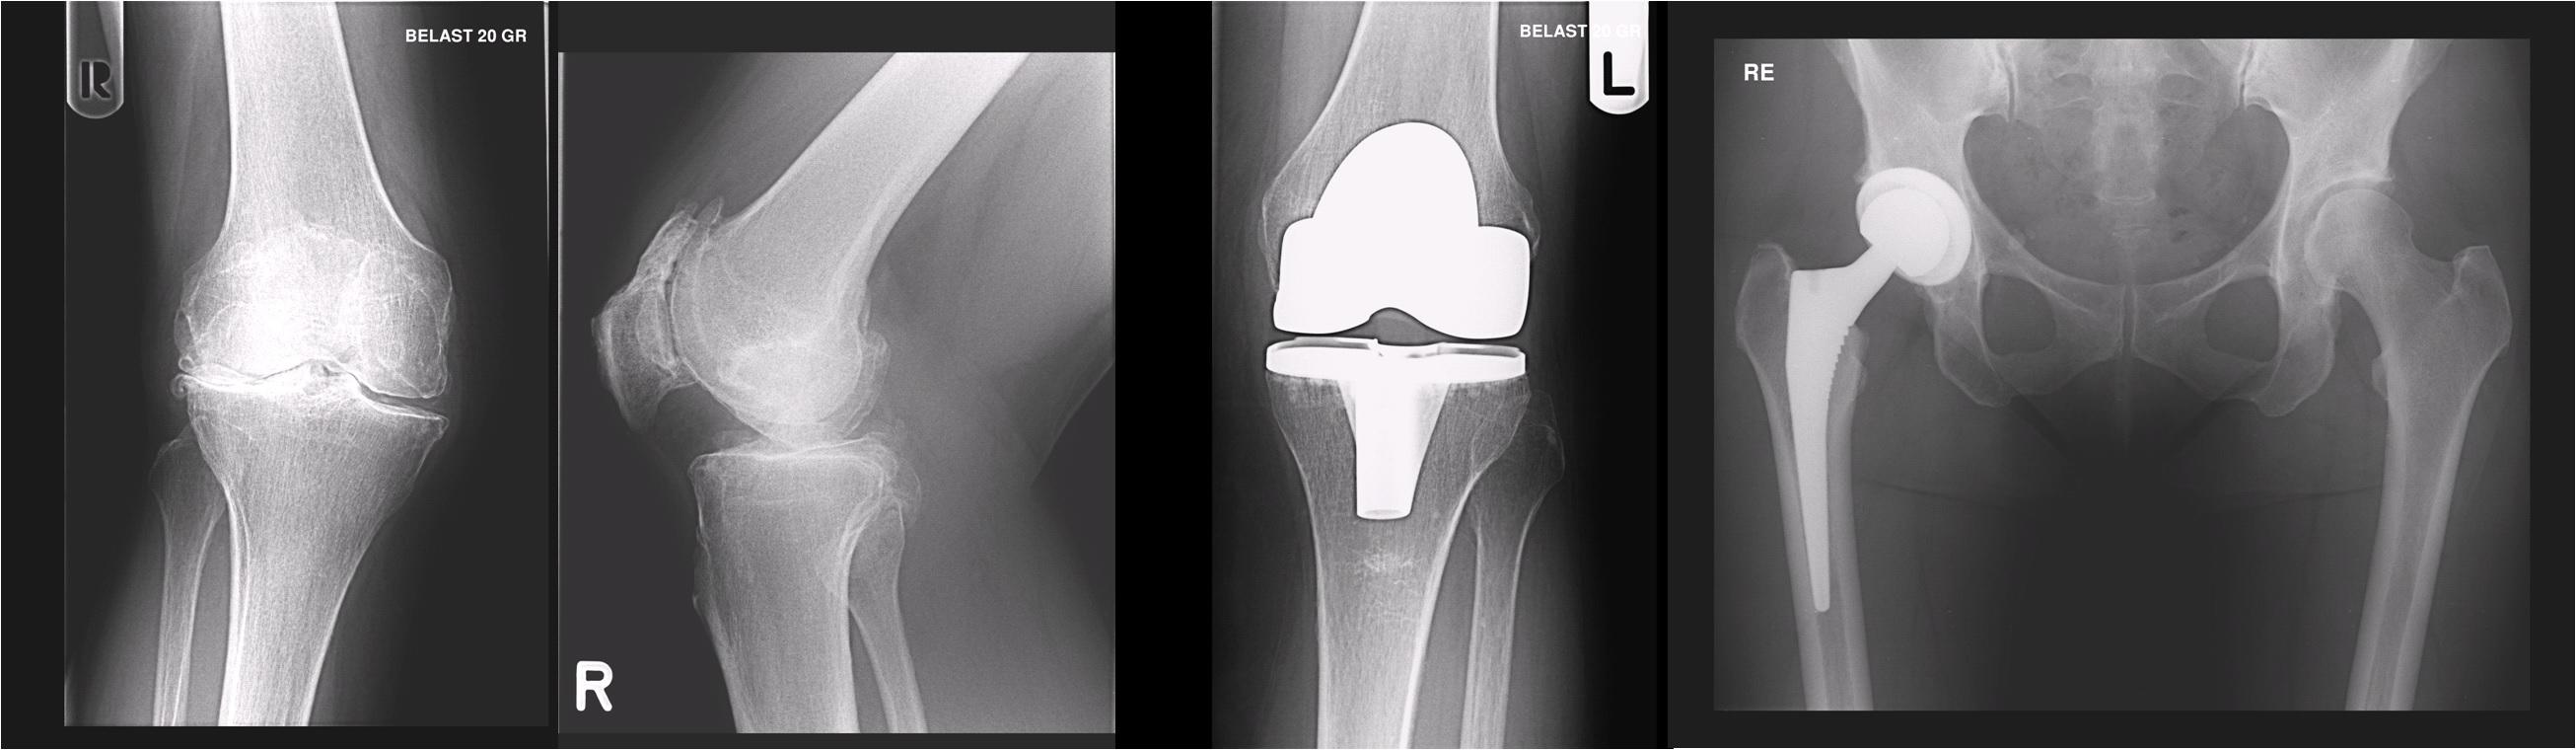 Alles over röntgenstraling